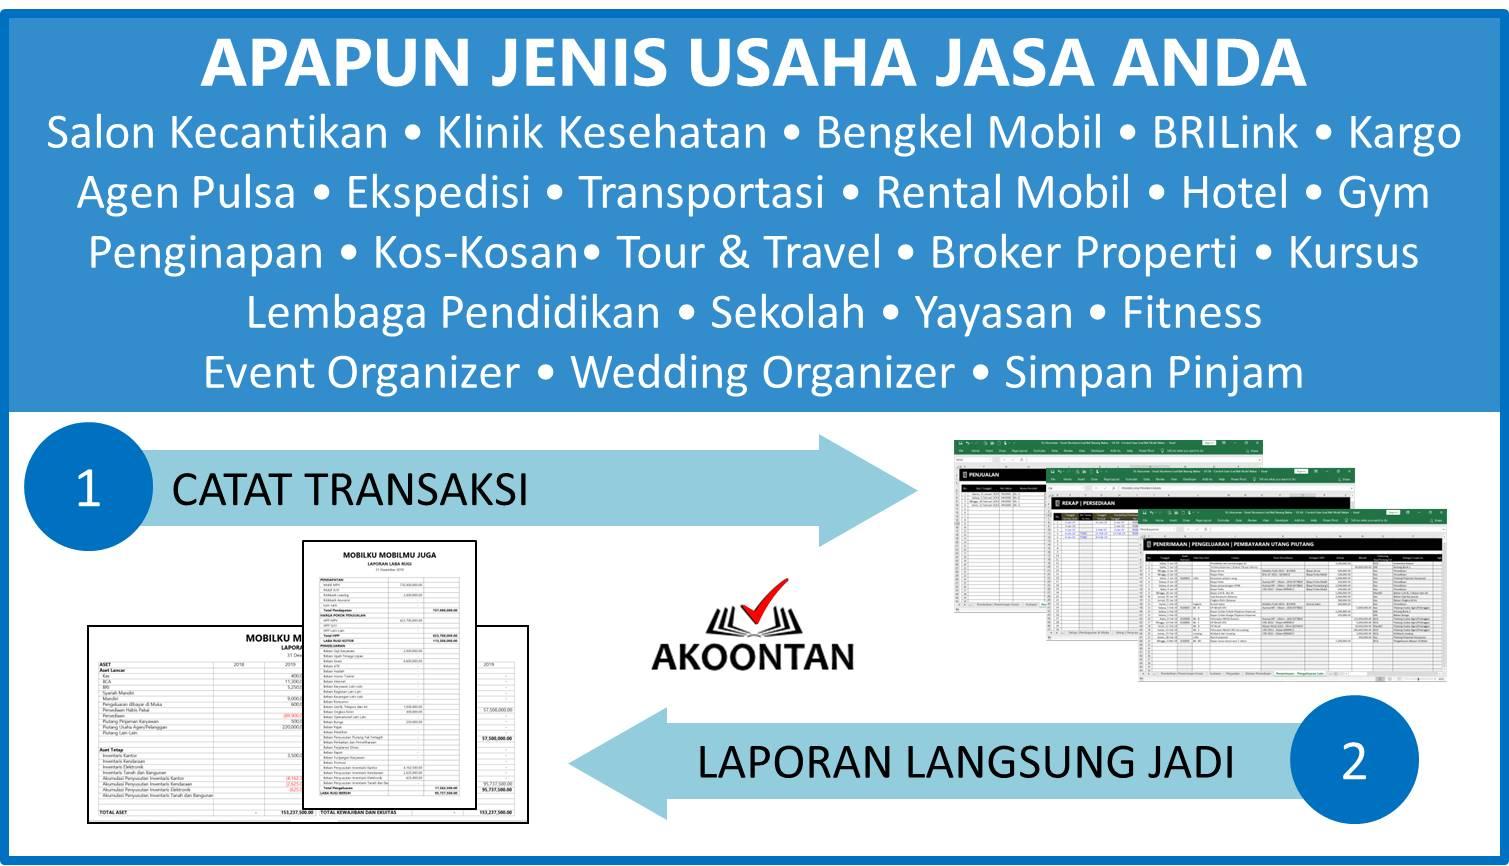 Aplikasi Akuntansi Awam Untuk Perusahaan Jasa